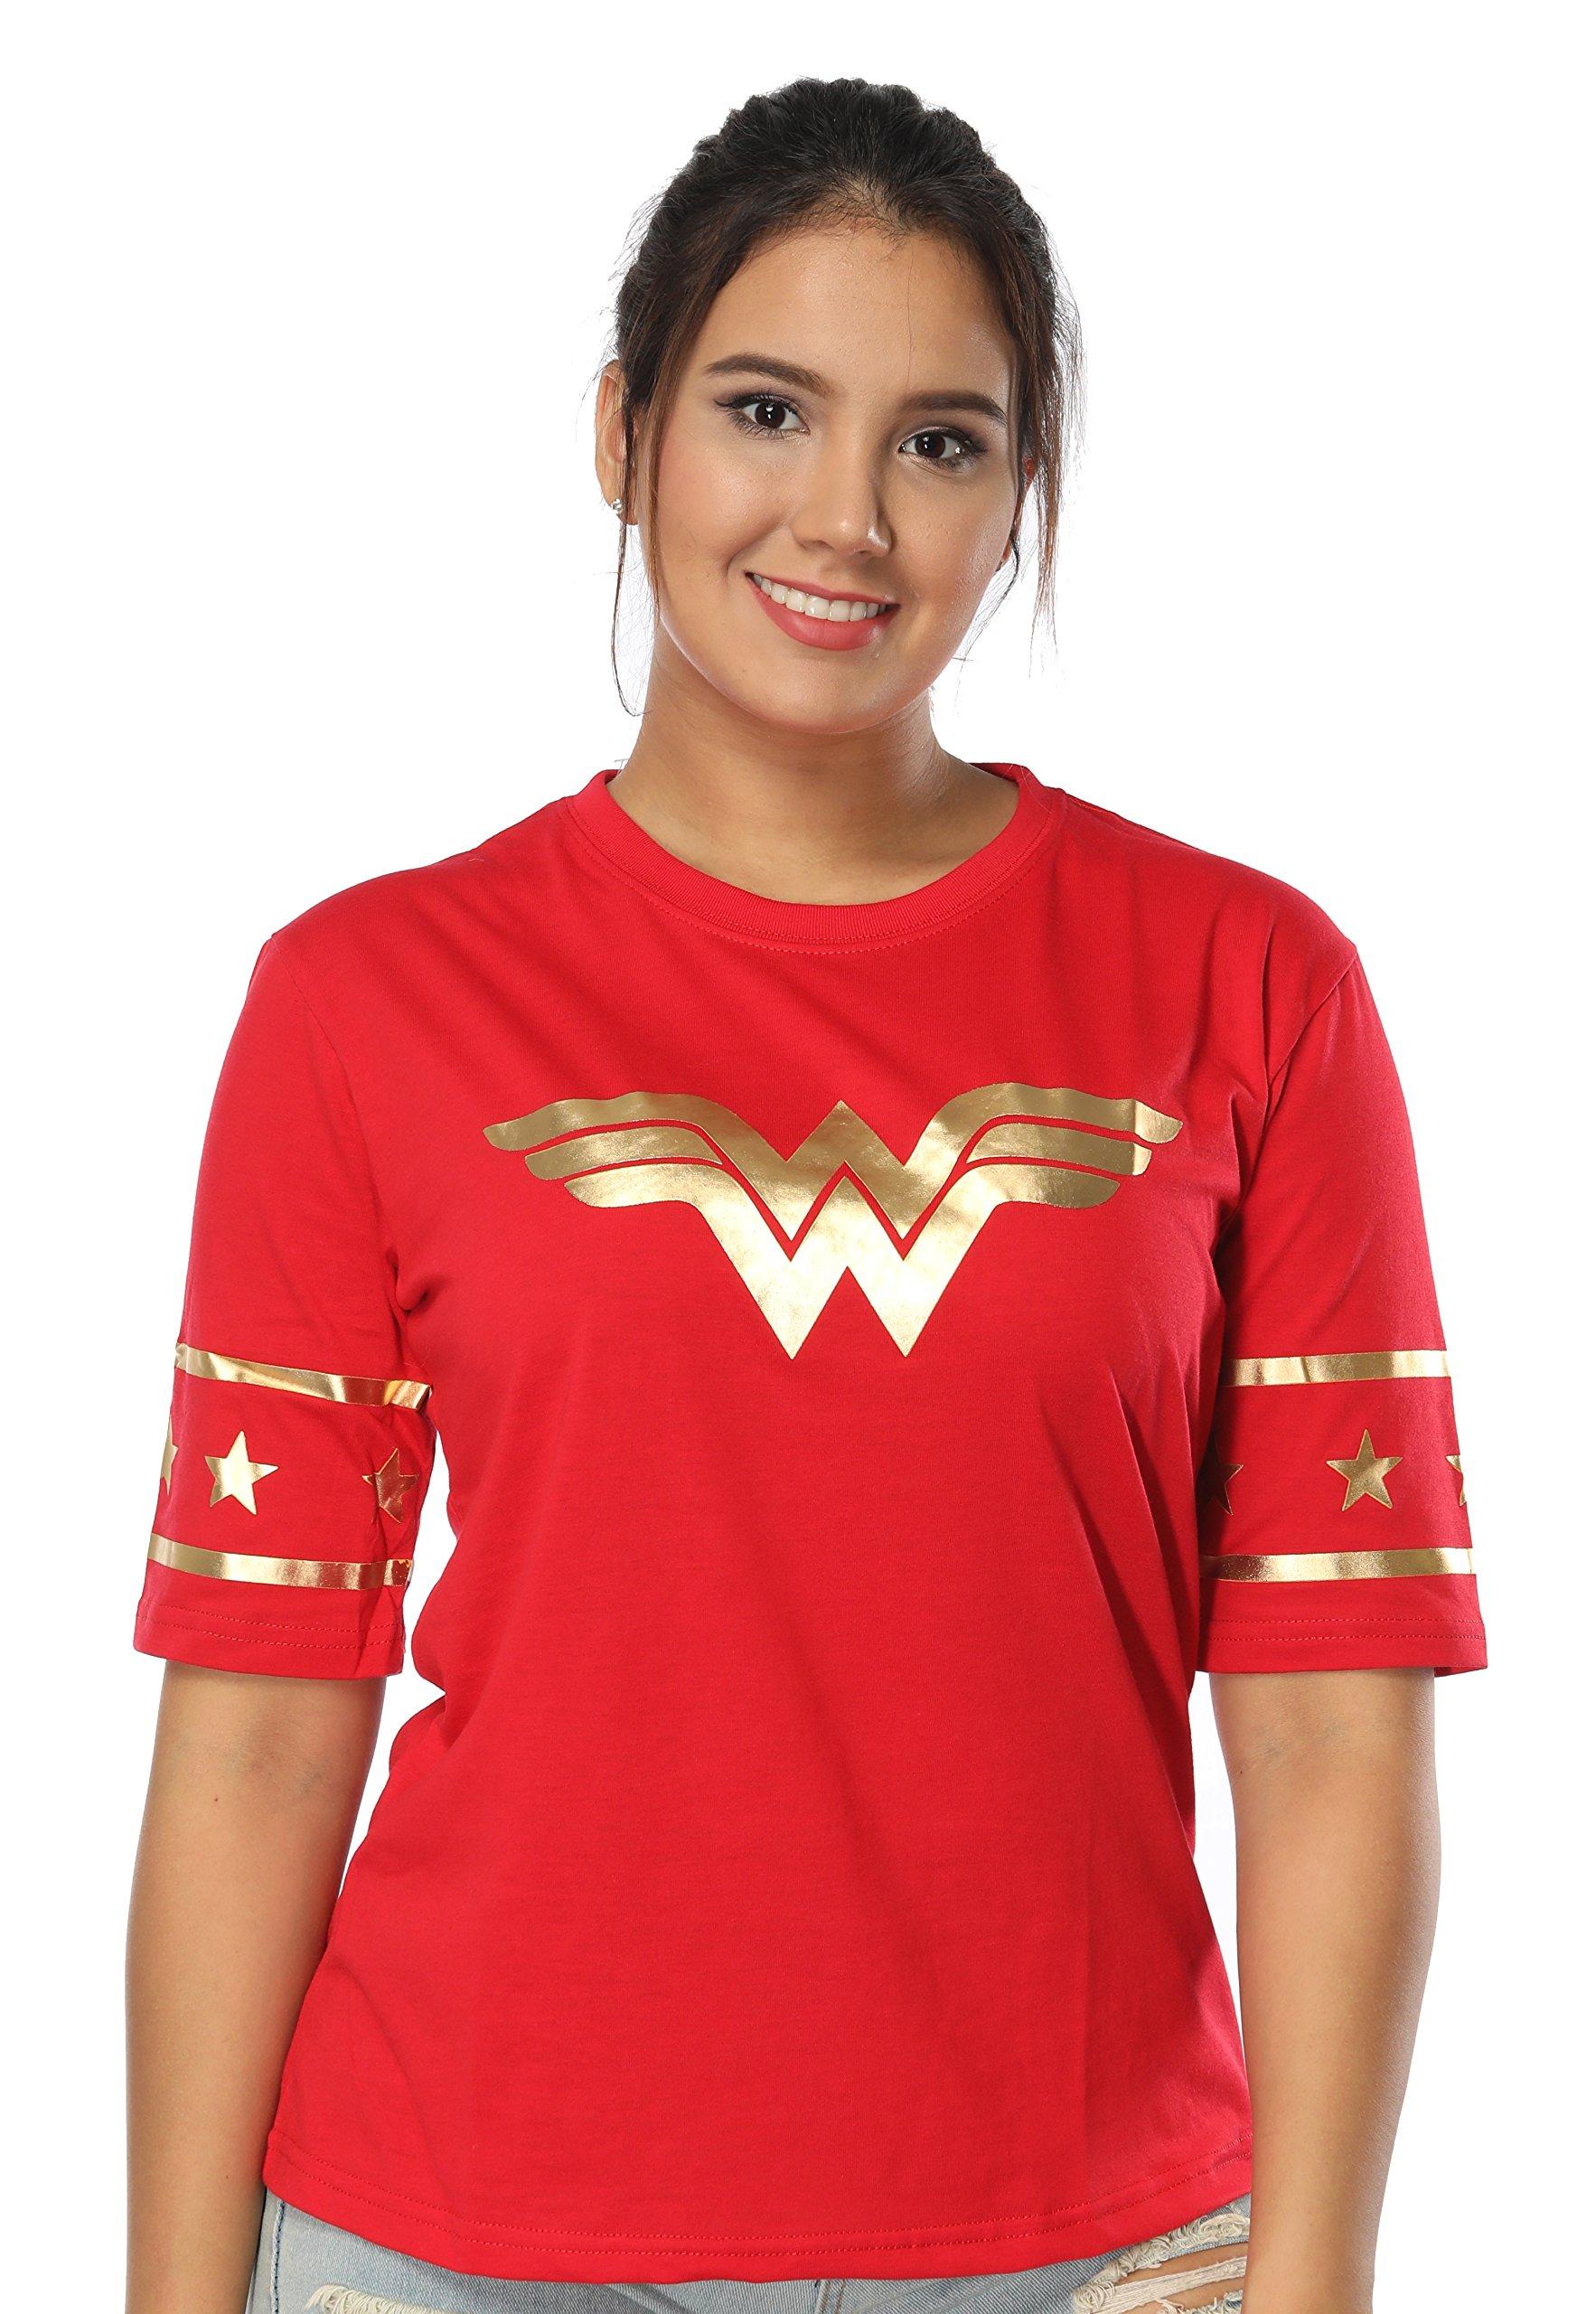 Justice League Wonder Women Golden Foil T-Shirt – Short Sleeved Women Wear (XL, Red)